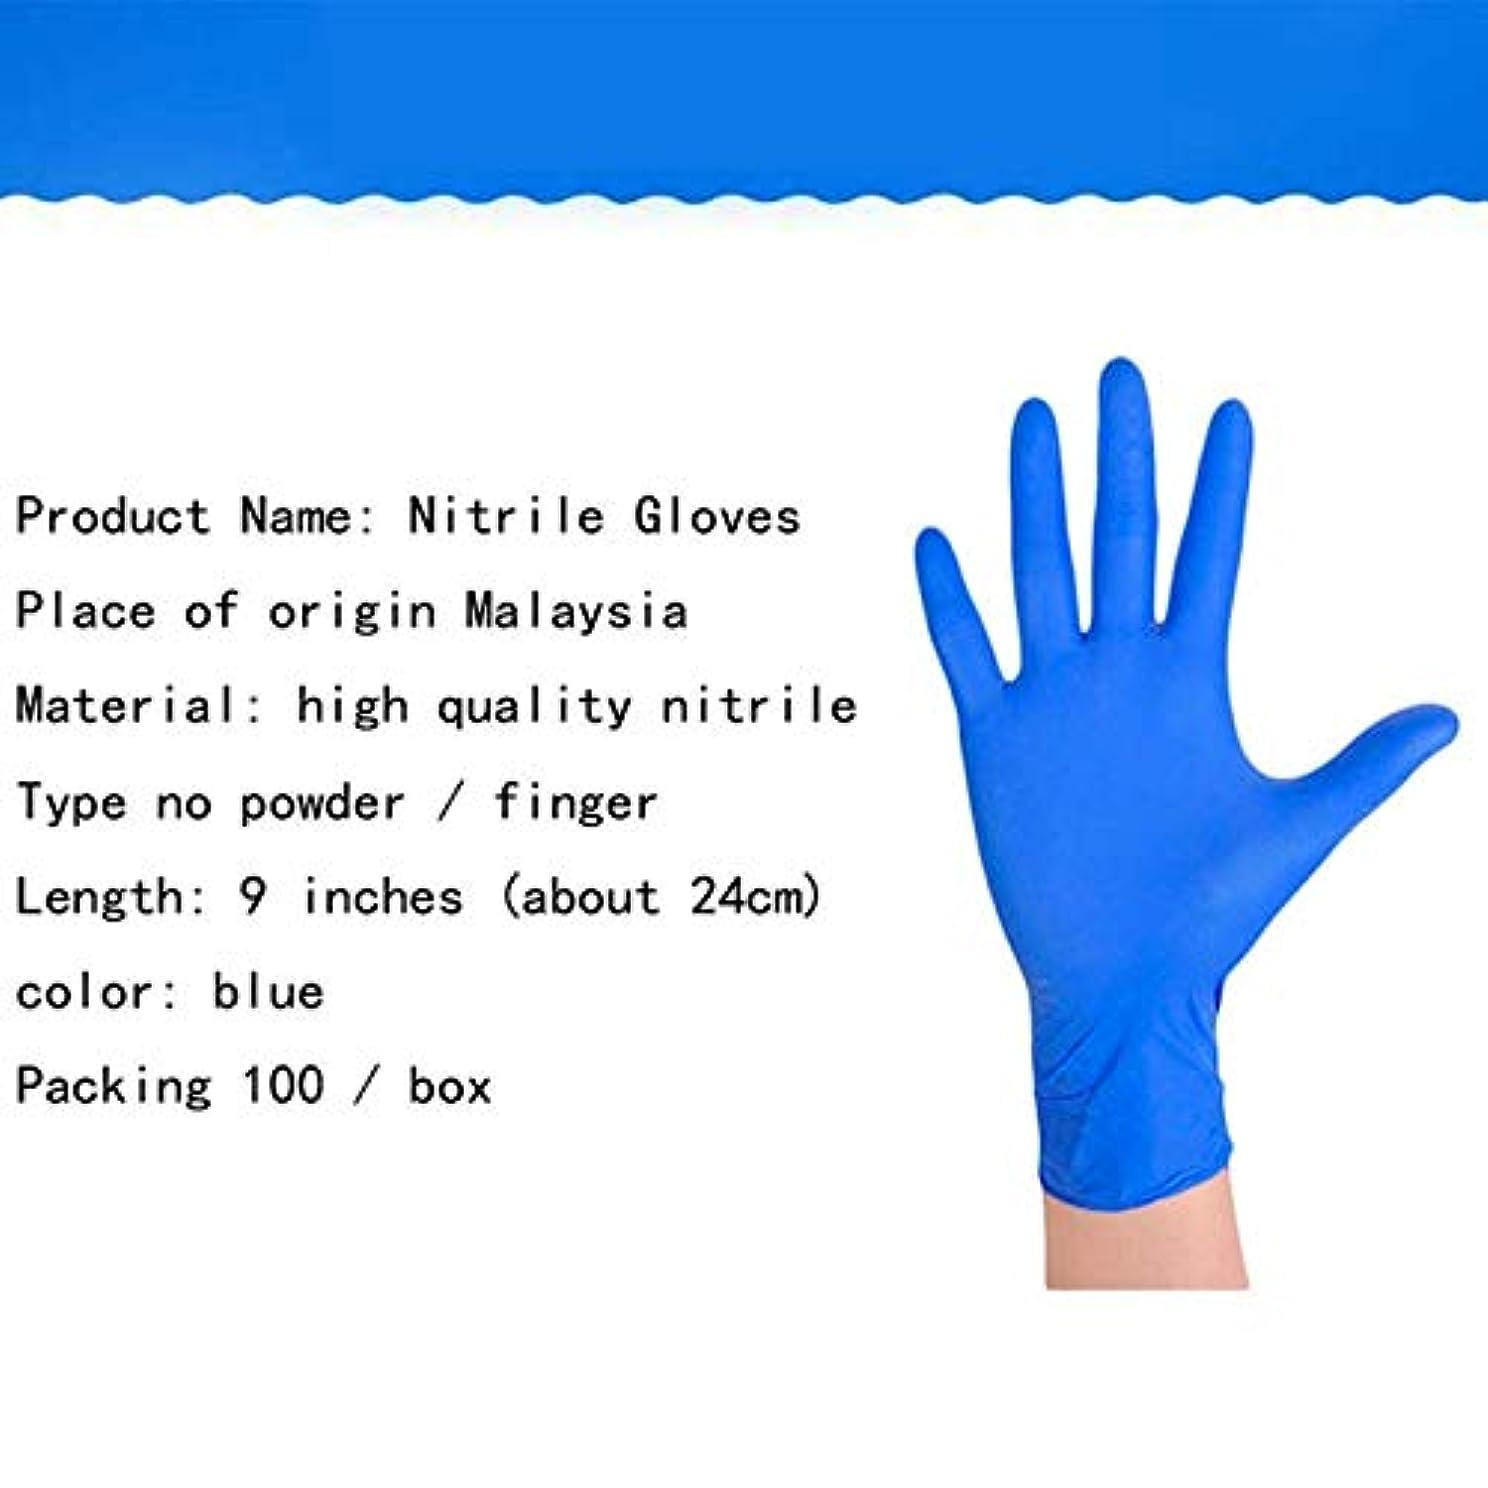 彫刻苦味暴行ニトリル手袋、パウダーフリー、ラテックスゴムフリー、使い捨て手袋 - 非滅菌、食品安全、医療用グレード、100 PCSの便利なディスペンサーパック、(追加強度)(S-XL) (Size : S)